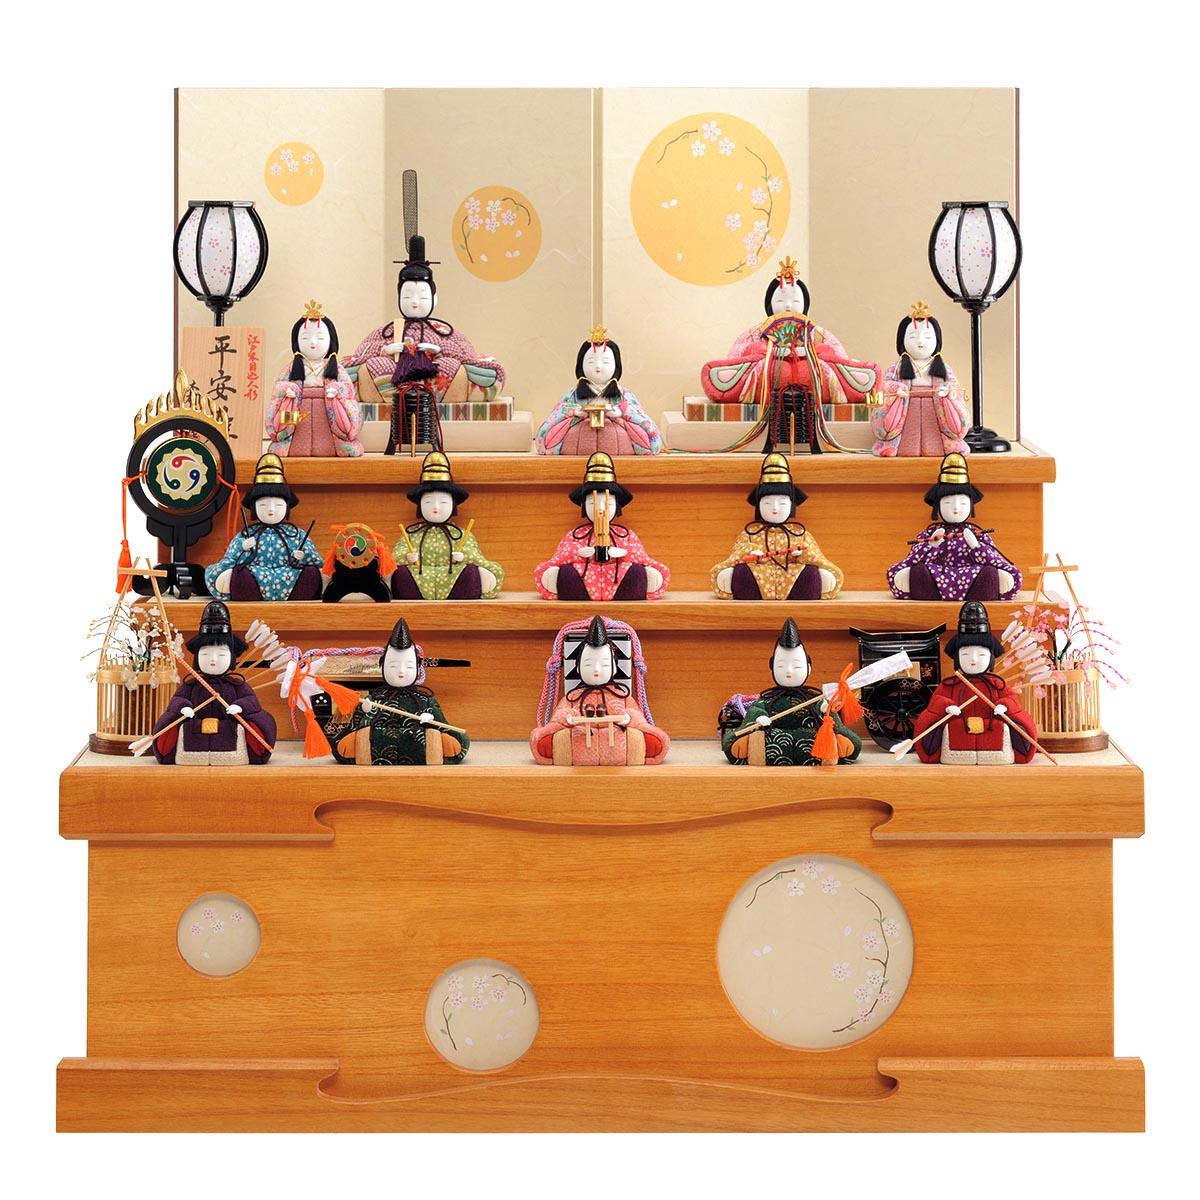 雛人形 一秀 コンパクト 木目込み飾り 十五人飾り 平安雛 14-5号 桐収納セット 収納飾り 雛人形 HNIS-D-13ひな人形 かわいい おしゃれ インテリア 雛 木目込人形飾り [P20]